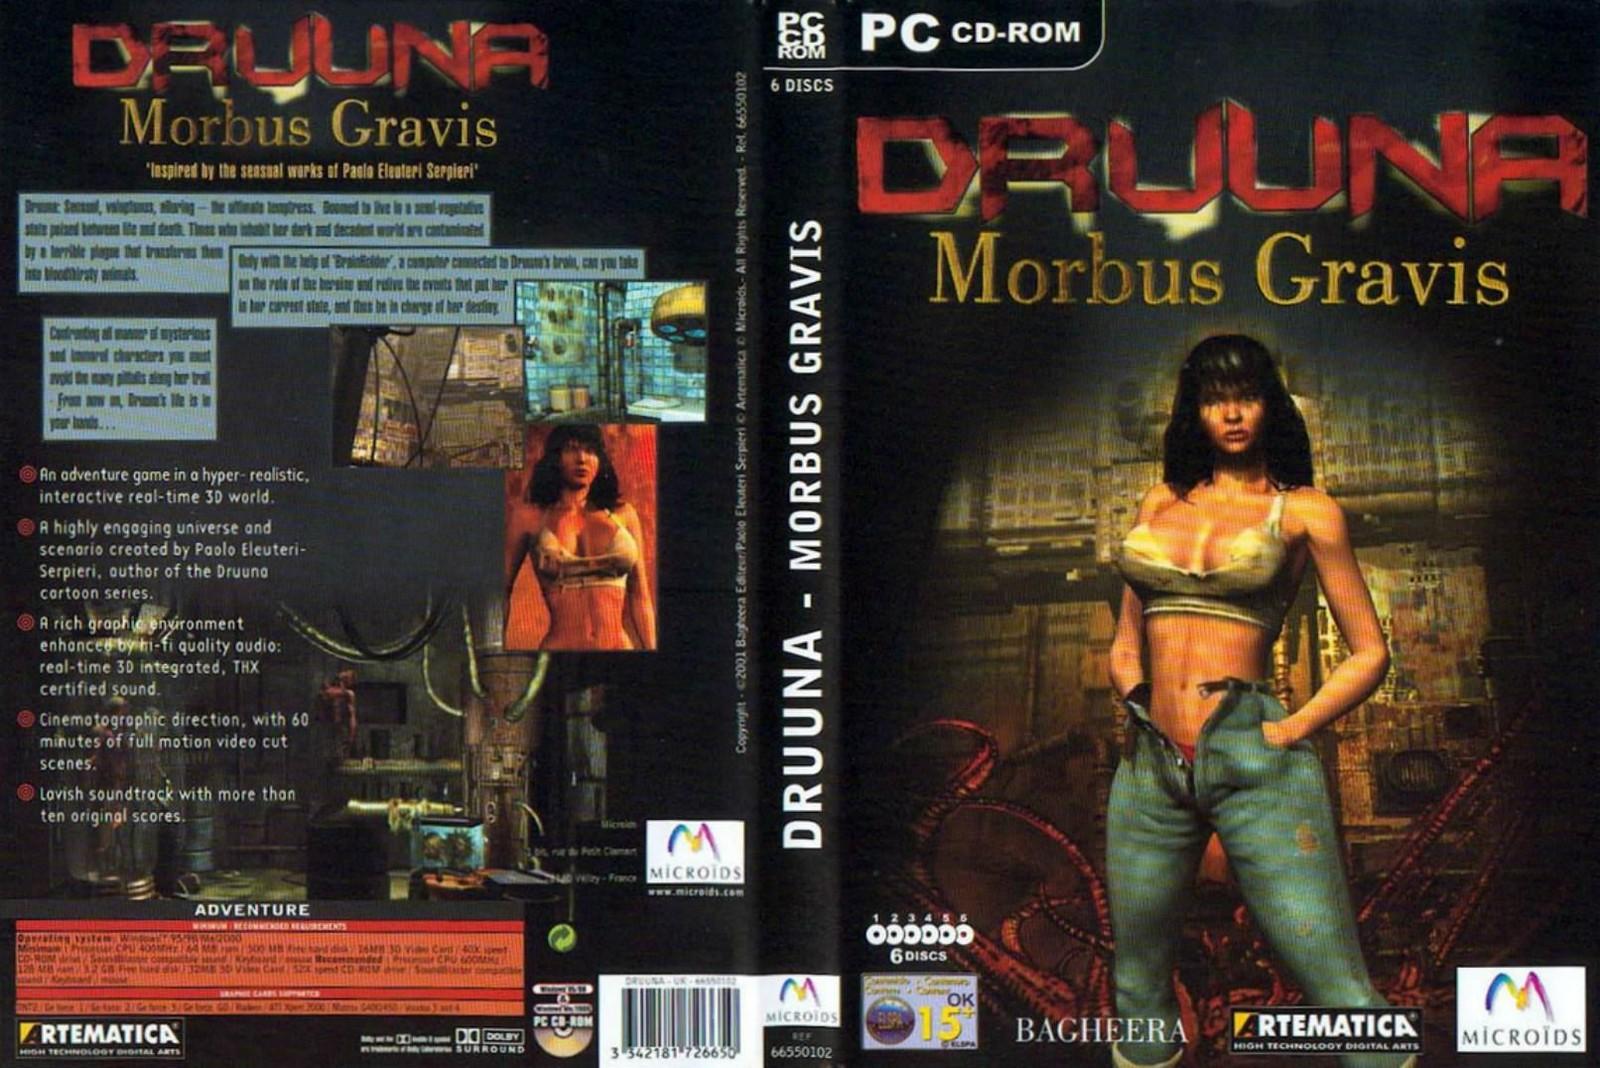 Filmovízia: Druuna - Morbus Gravis